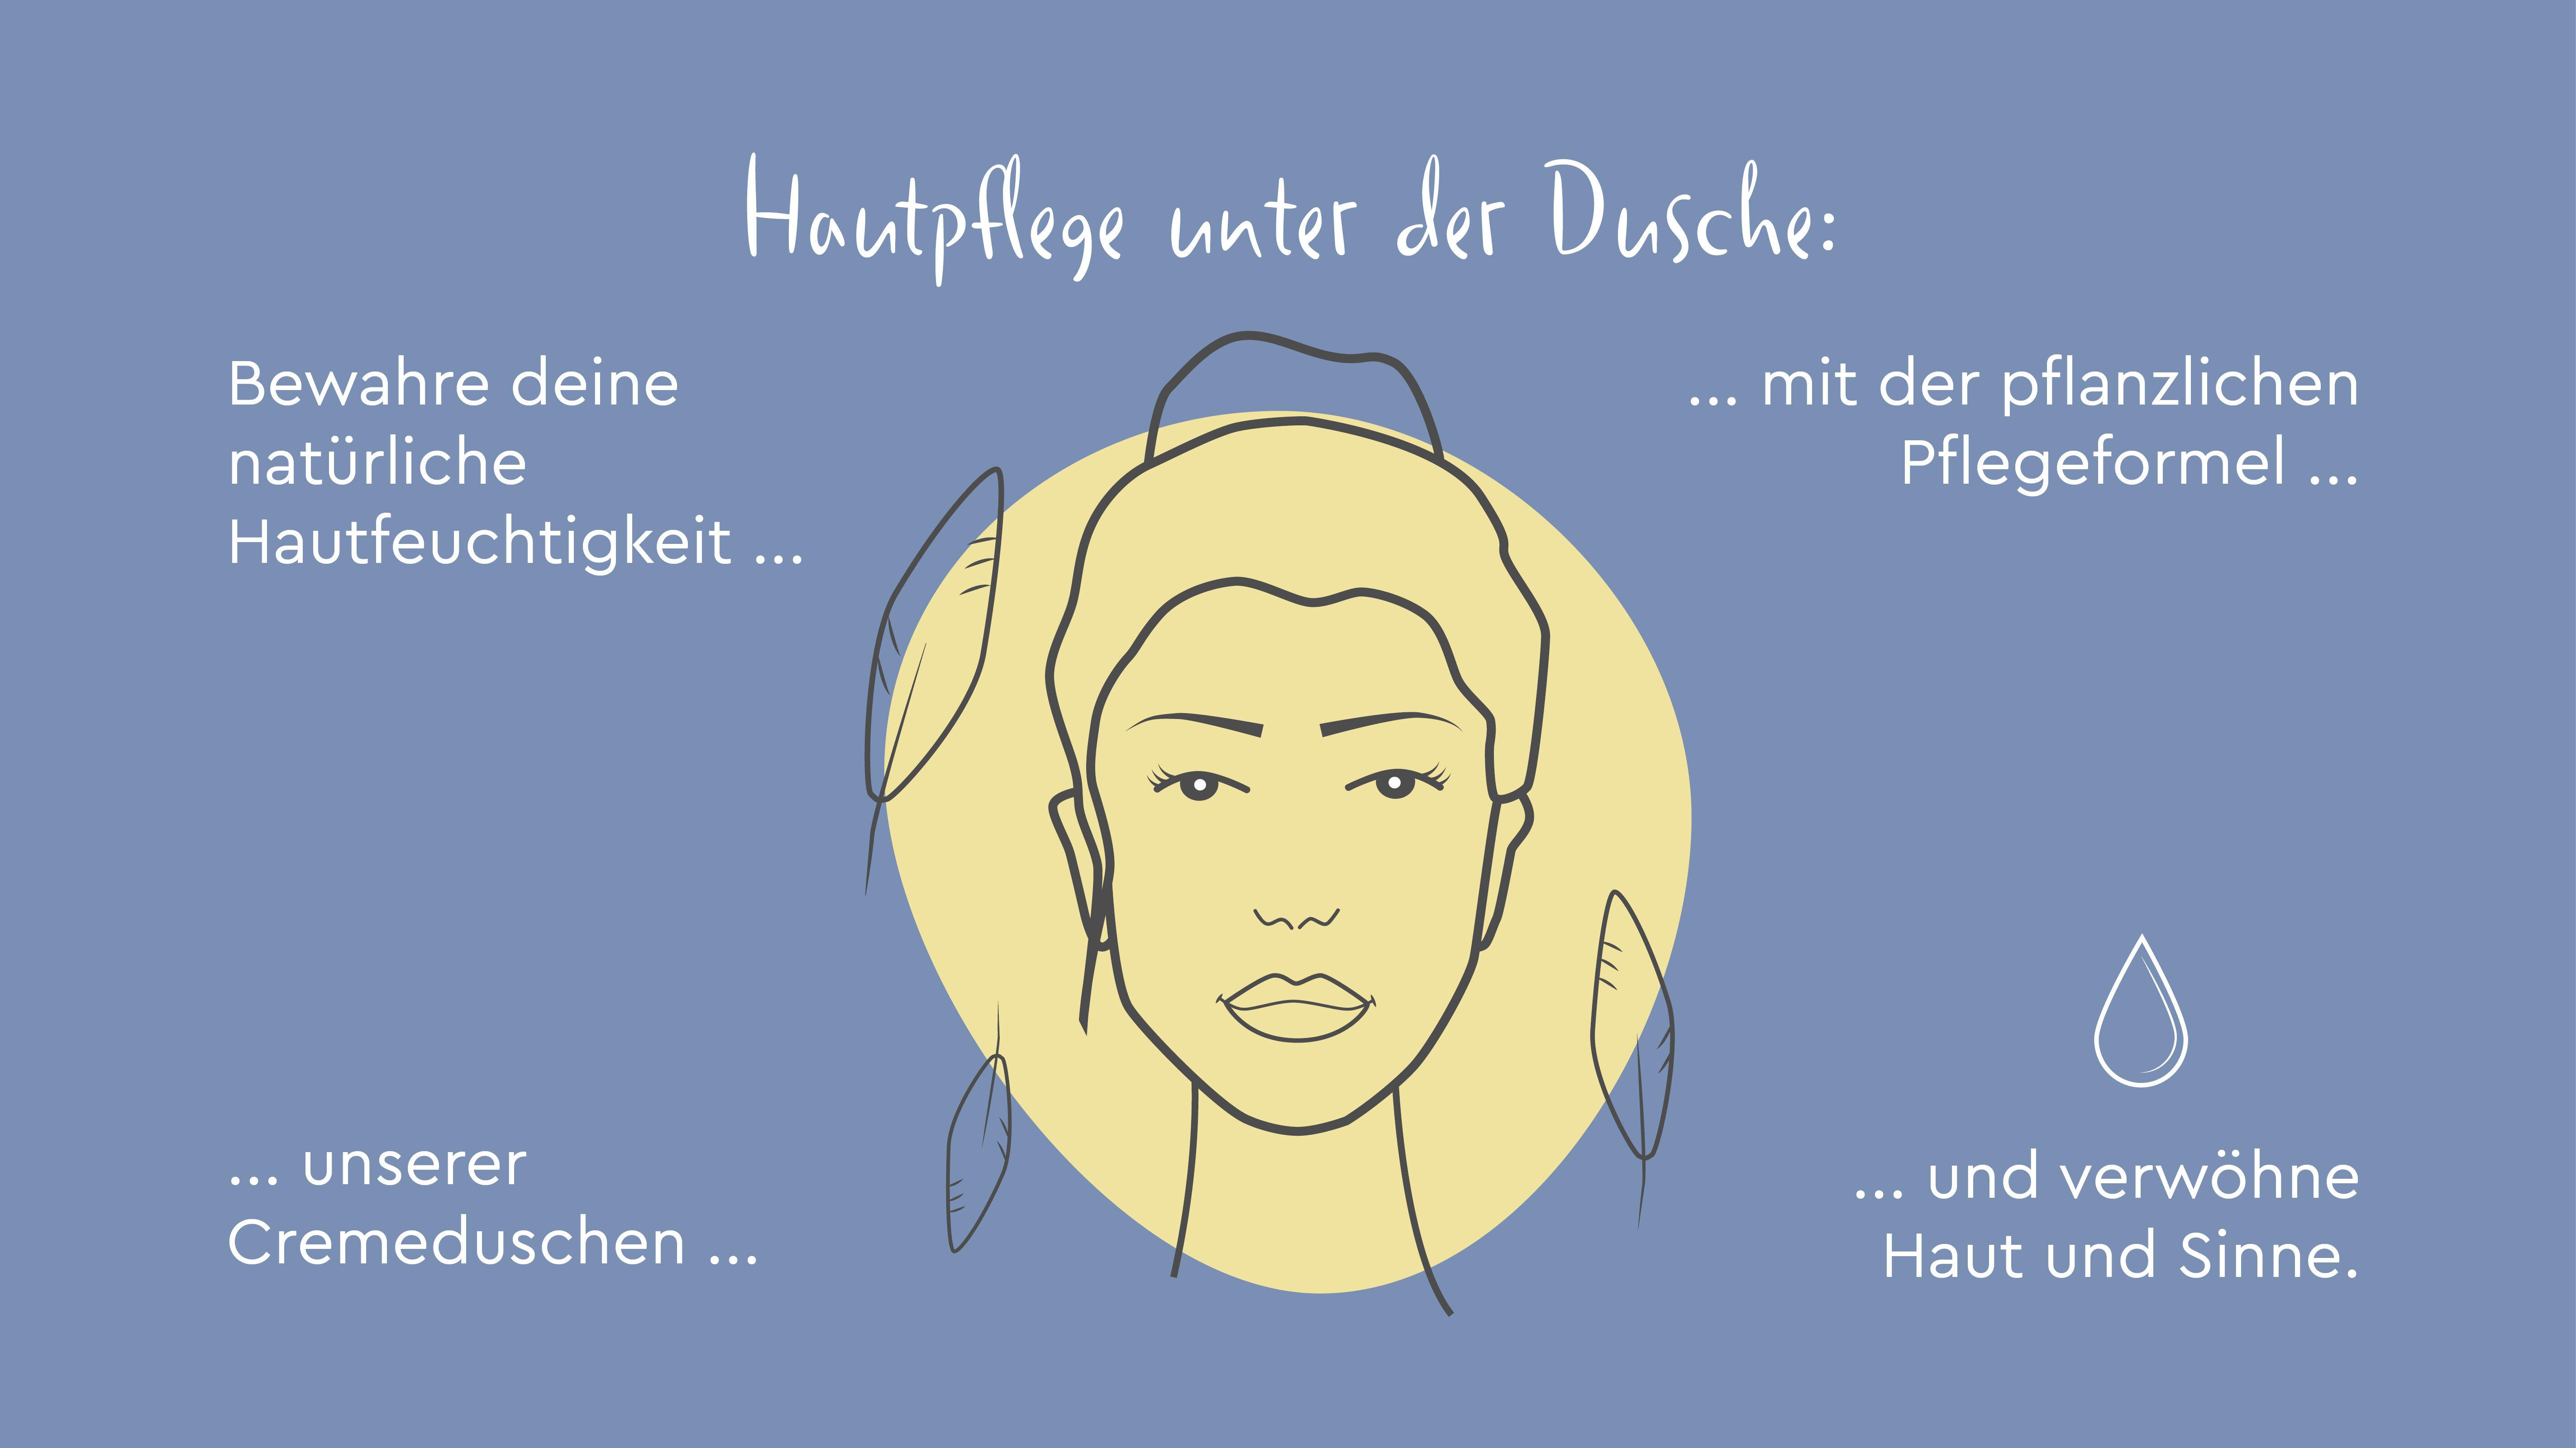 Illustration zum Thema Hautpflege unter der Dusche.